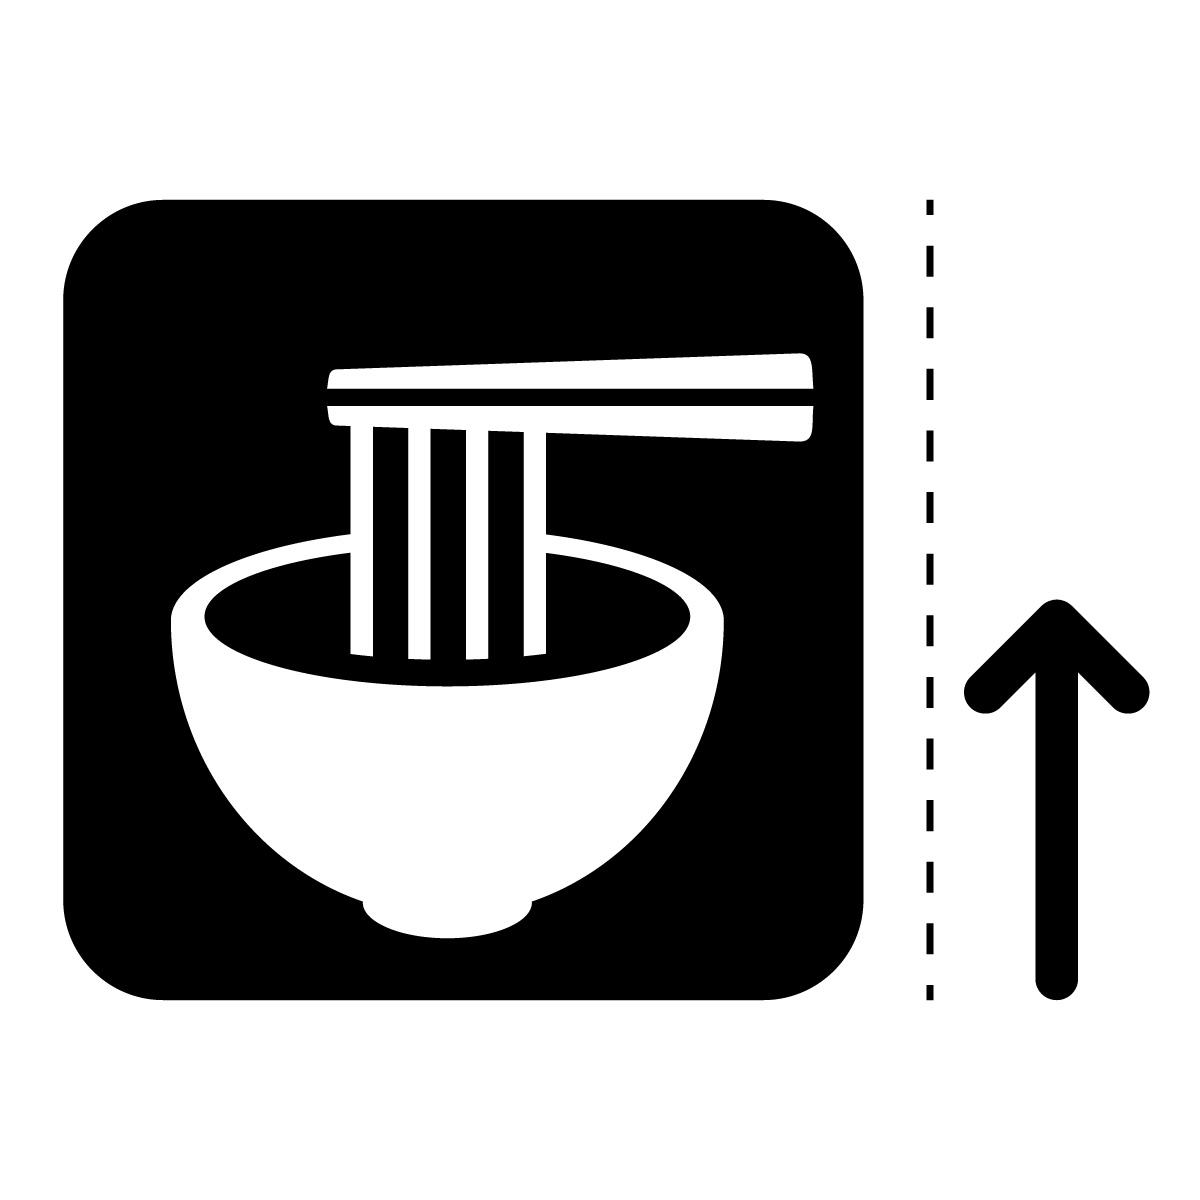 黒色のラーメン・食事処案内マーク(矢印付き)のカッティングステッカー・シール